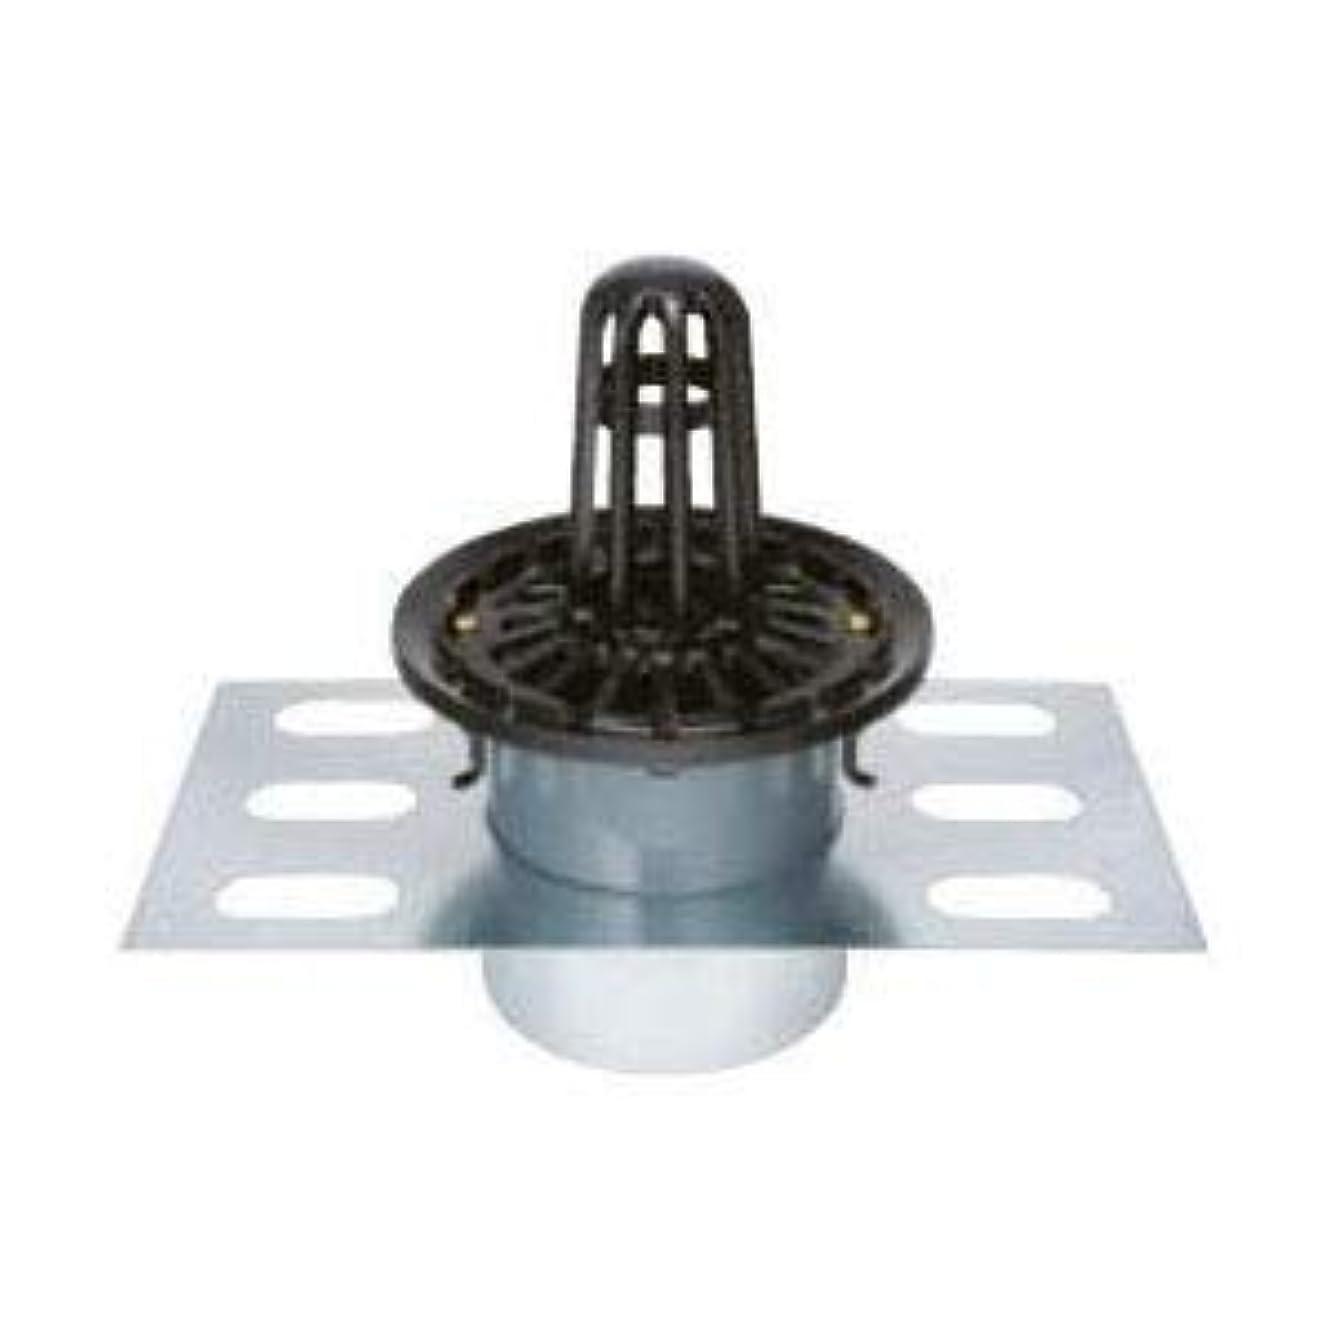 過半数受粉者ゆるくカネソウ 鋳鉄製ルーフドレイン たて引き用 デッキプレート打込型 屋上用(呼称150) EDMP-2-150